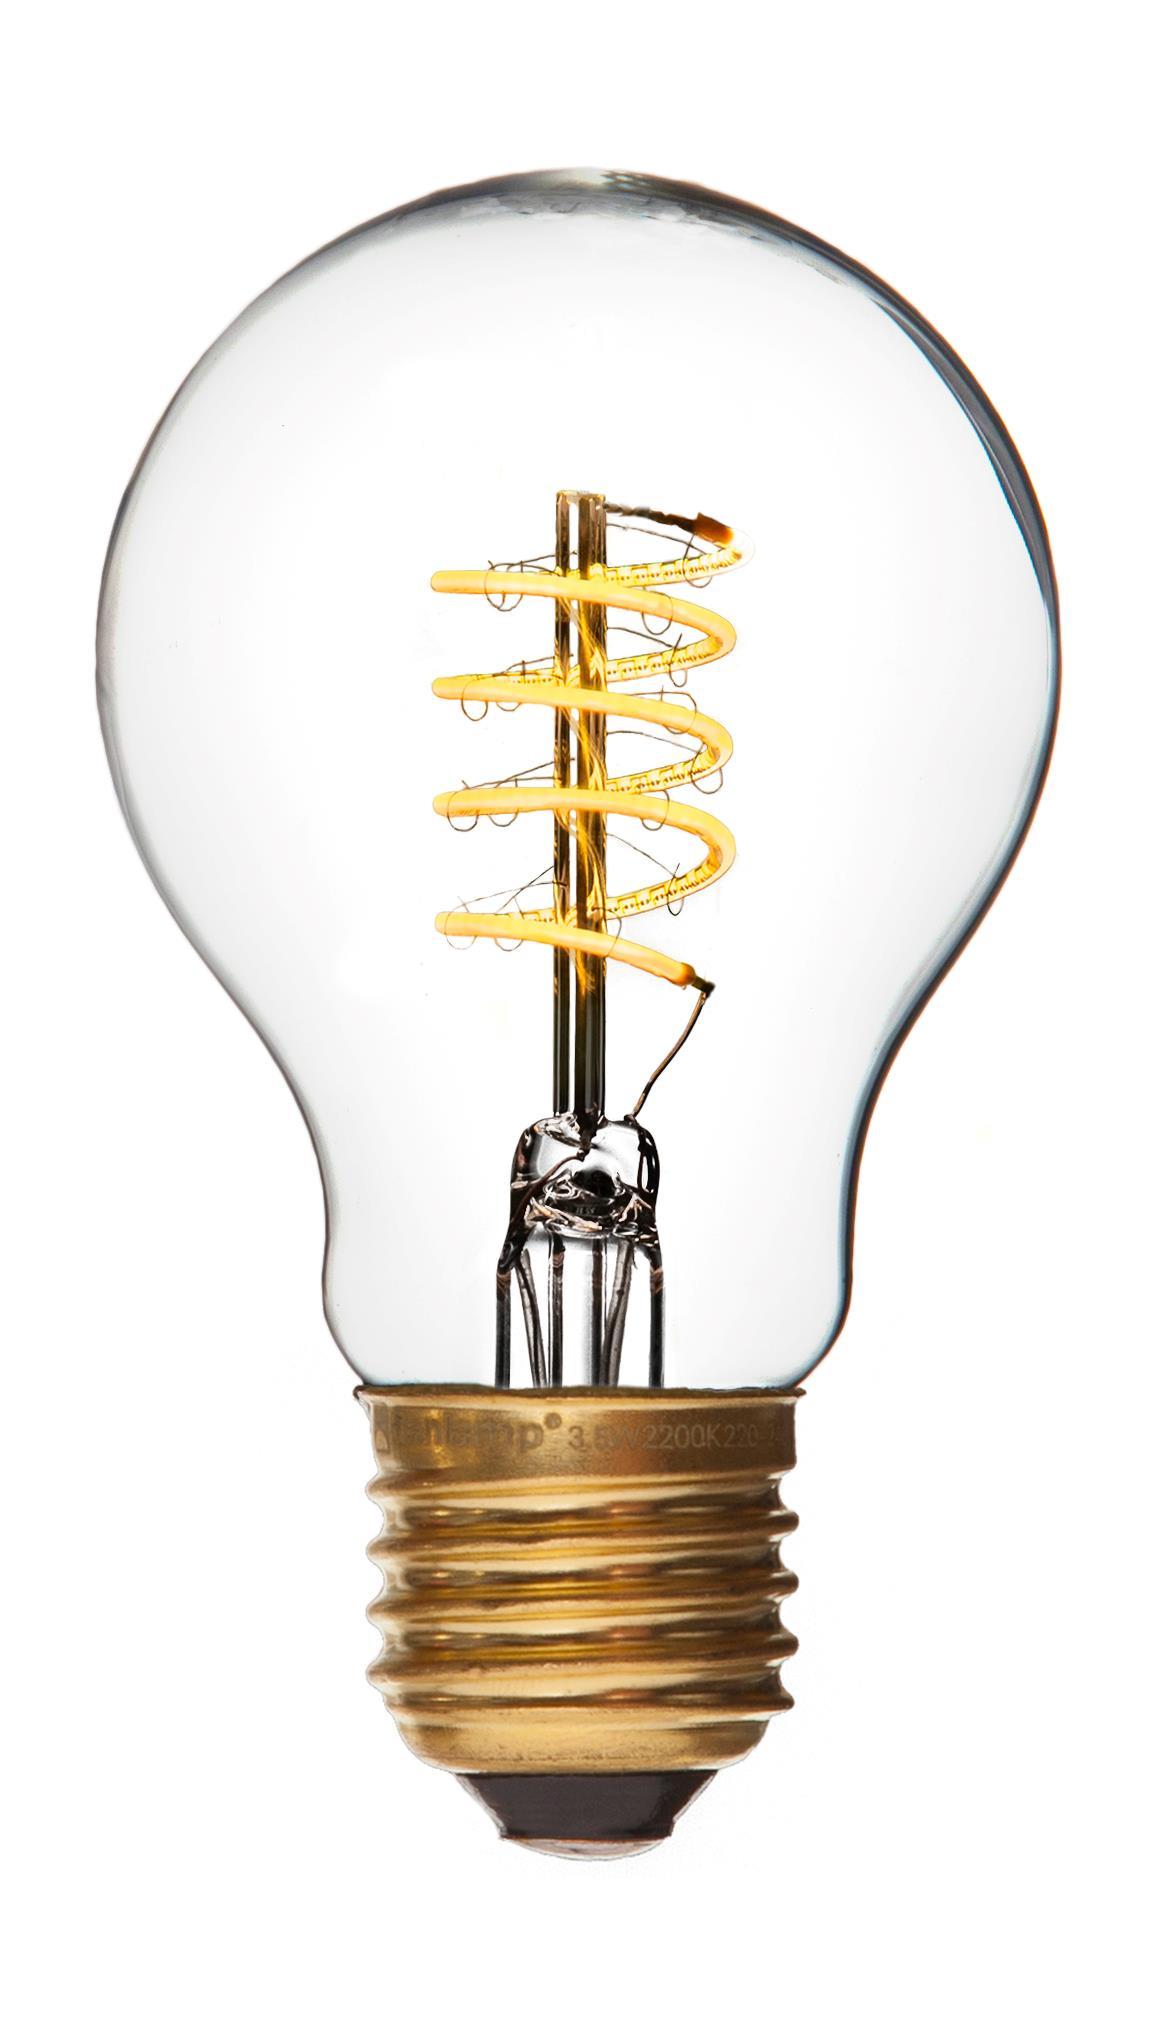 Billede af E27 - 4W LED Standard De Luxe Spiral